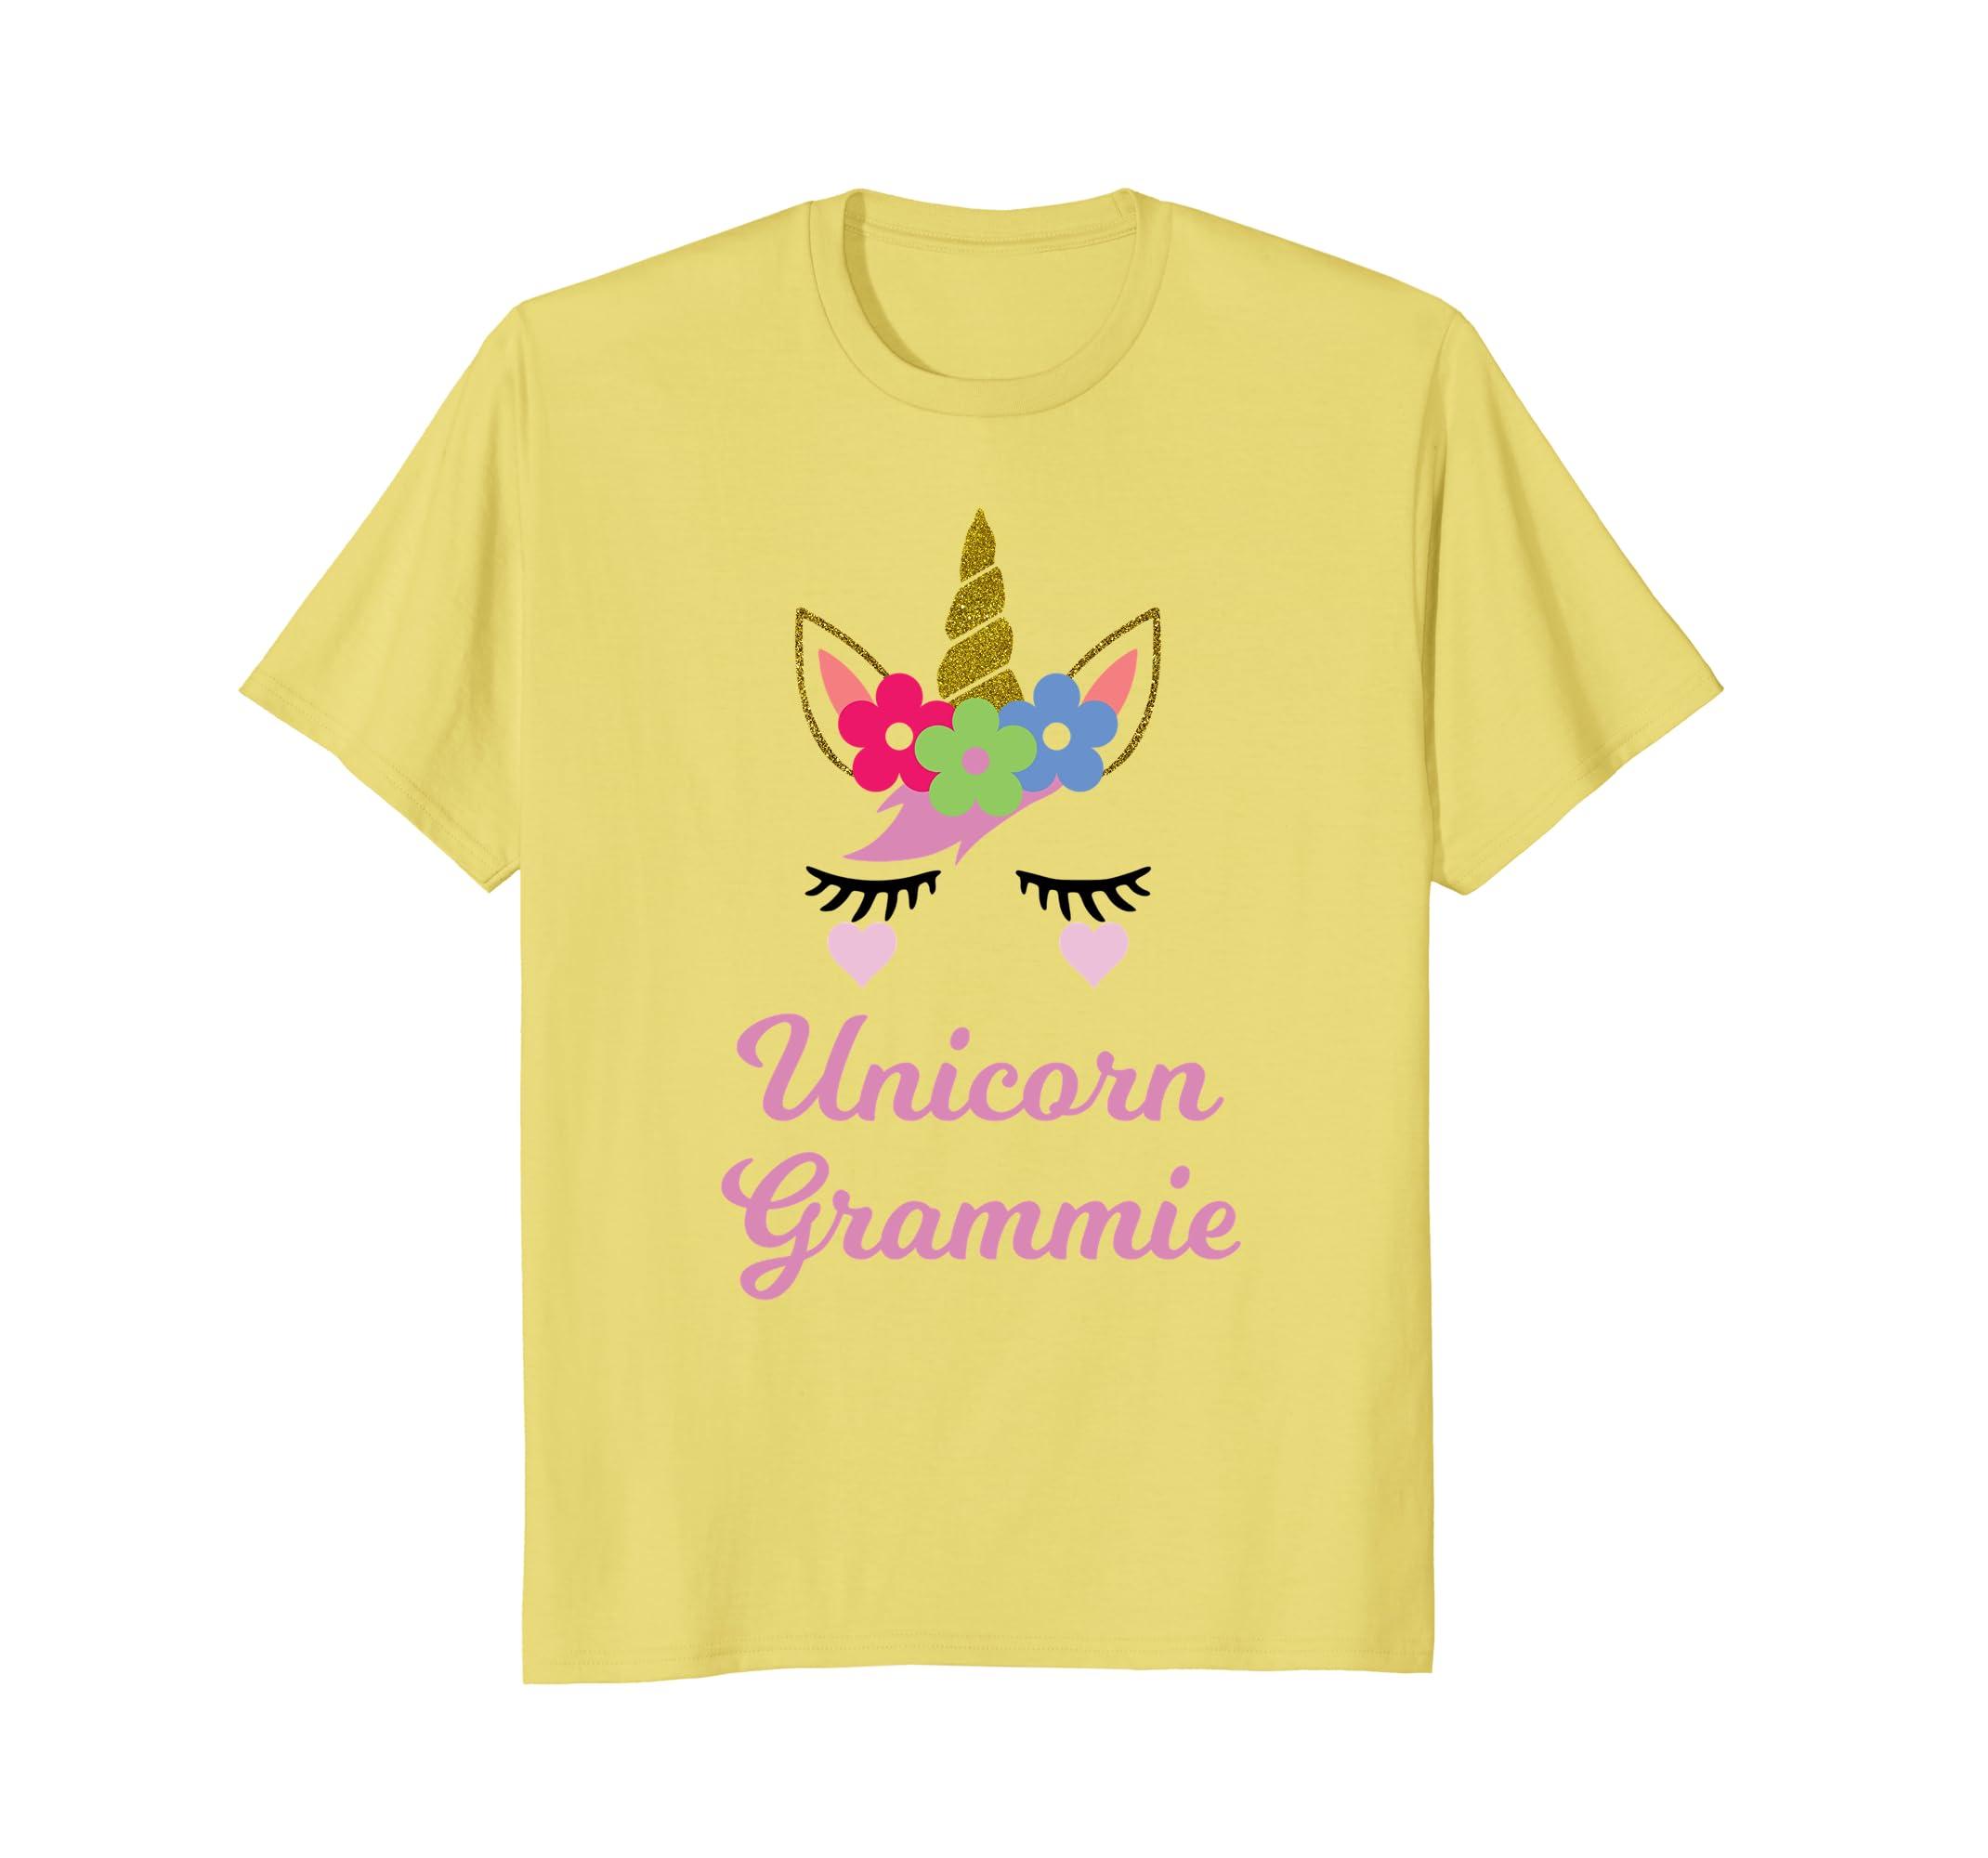 Unicorn Grammie T-Shirt, Unicorn Gift, Girl Birthday Party-Awarplus